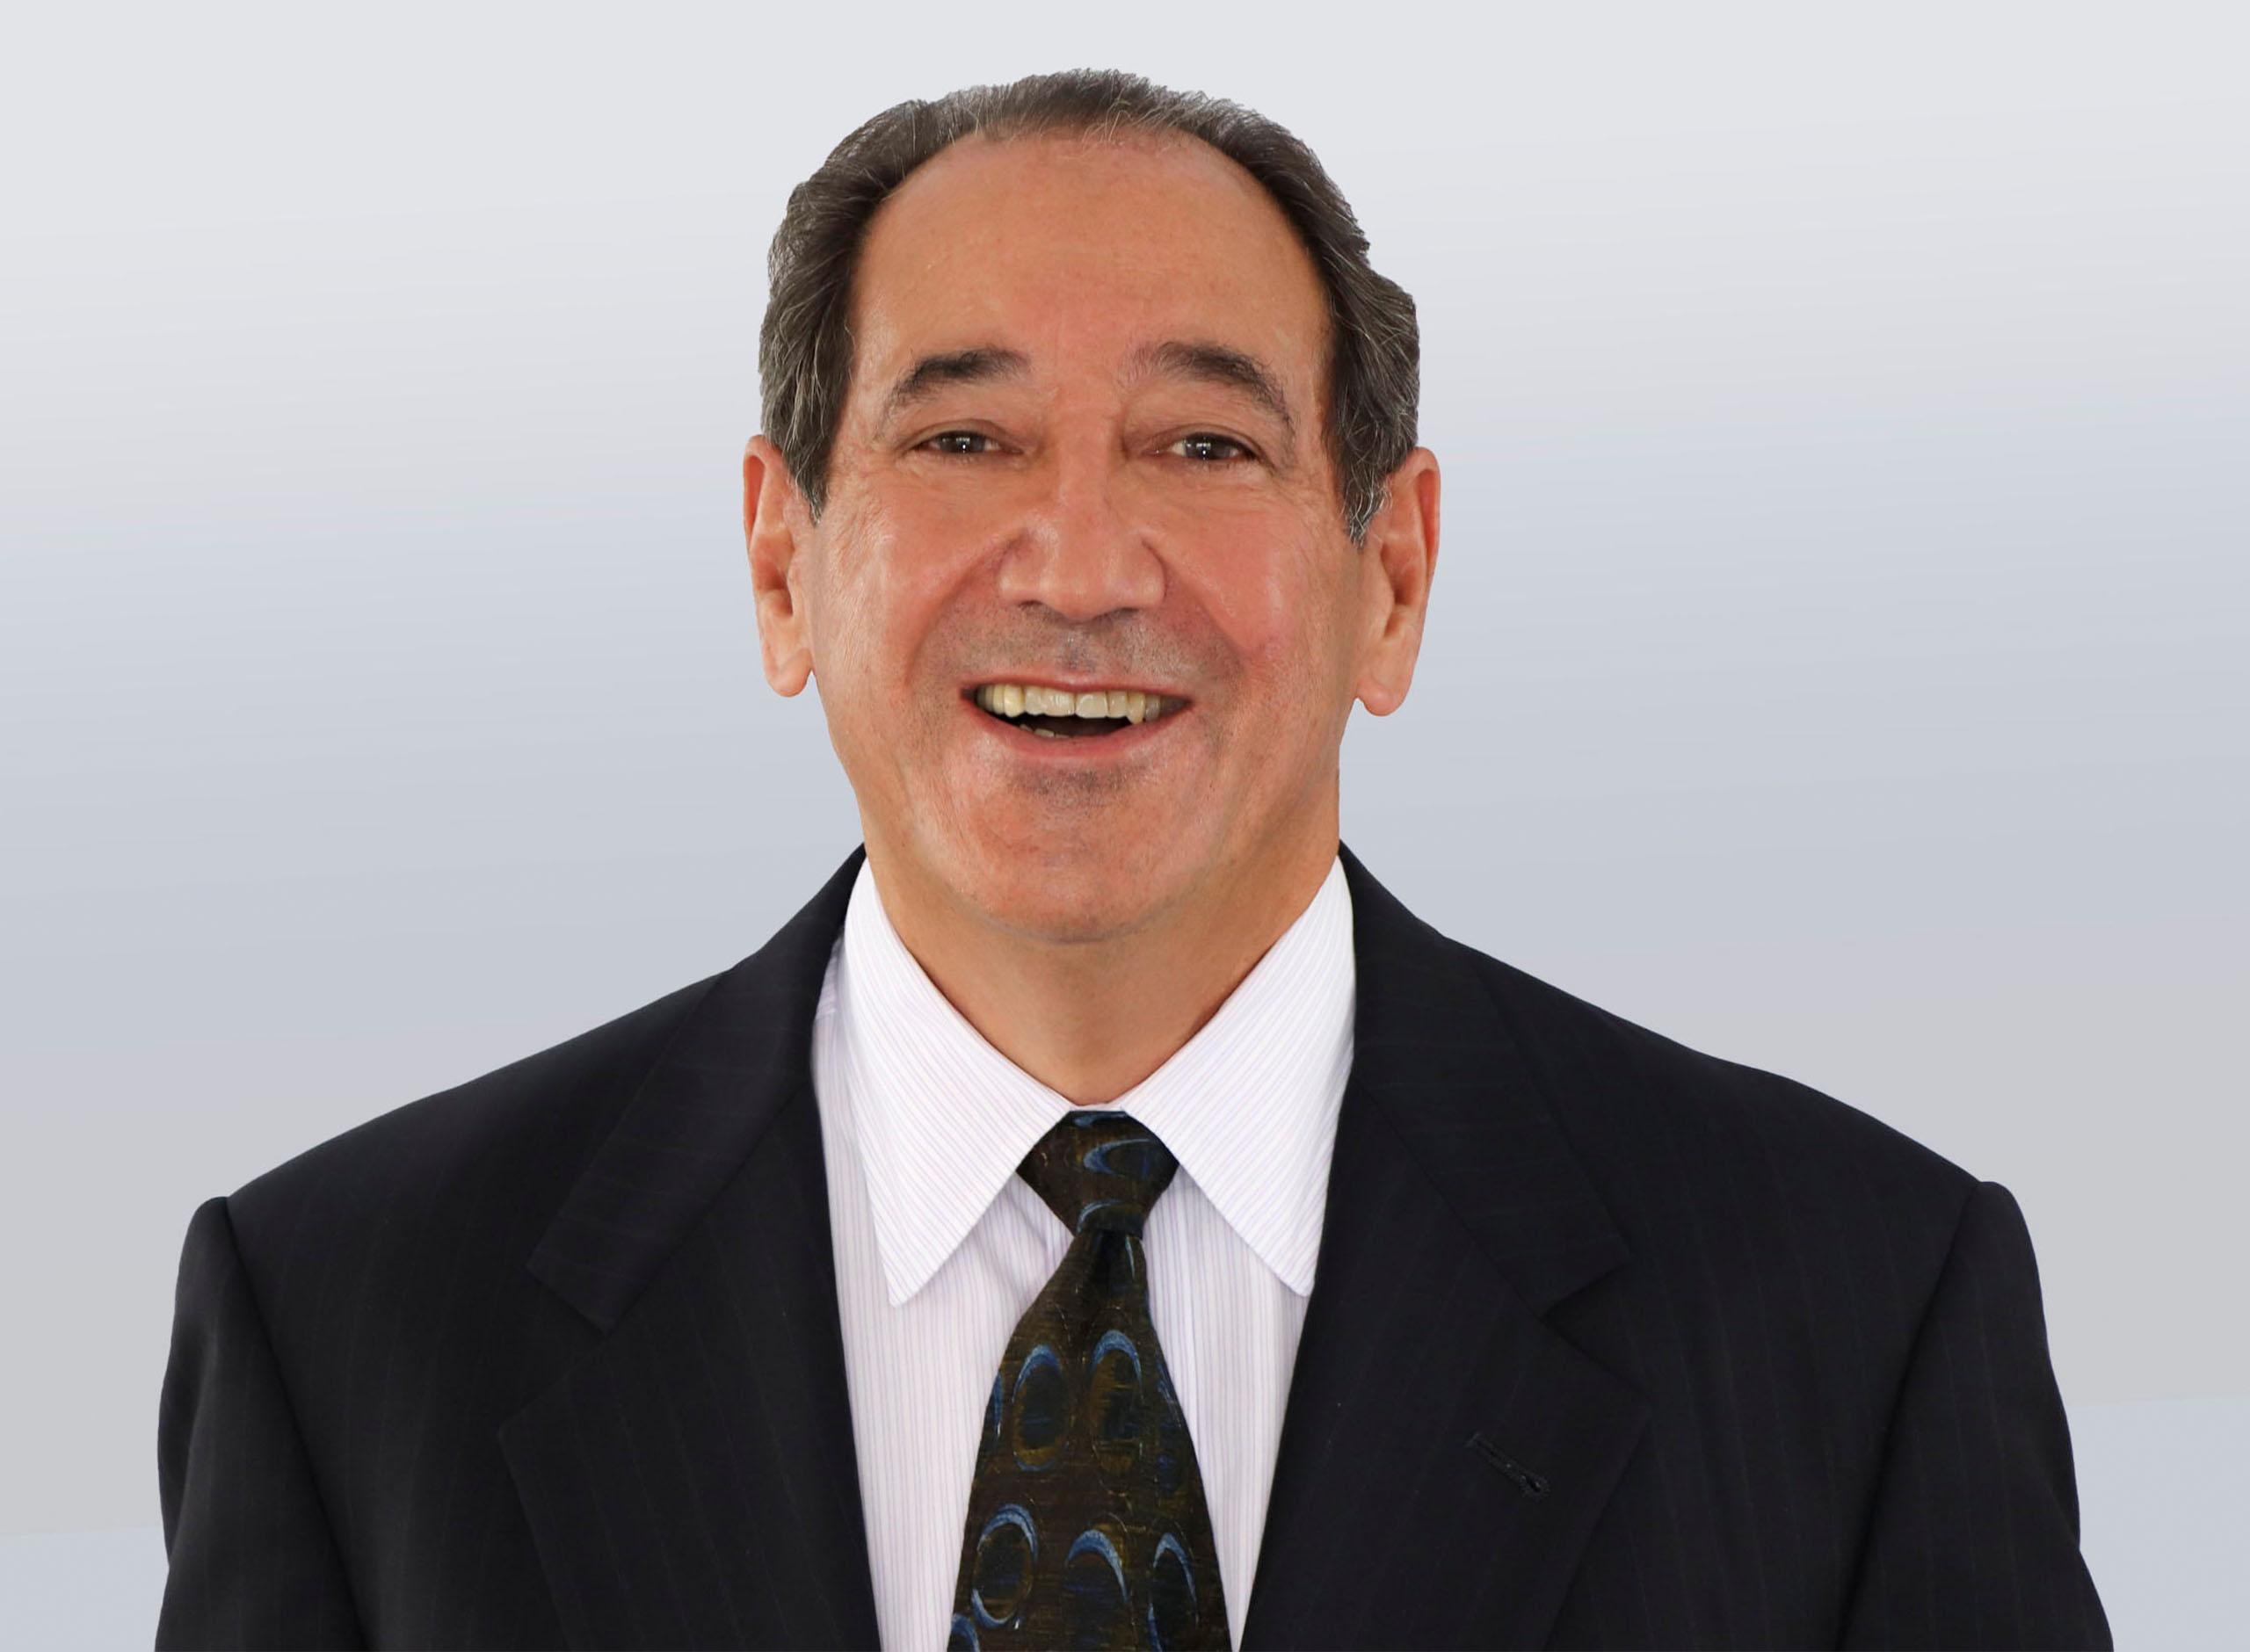 Vincent Curatolo